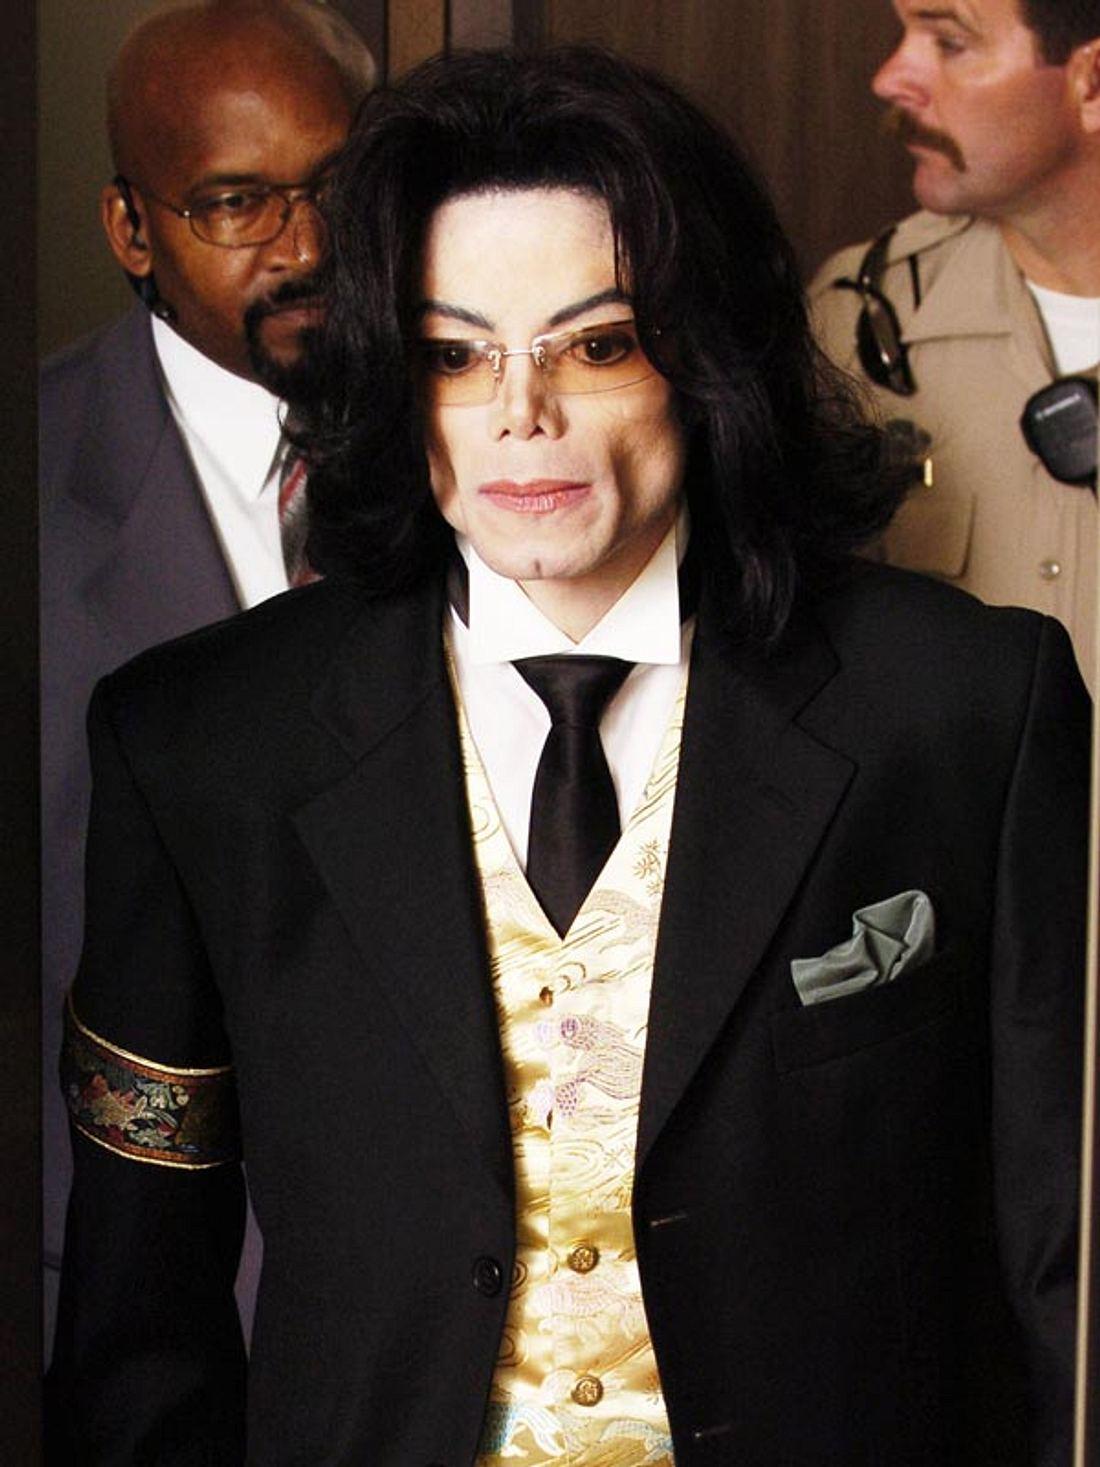 """Michael-Jackson-Biograf Ian Halperin über die letzten Stunden des Popstars: """"Er war total durcheinander."""""""